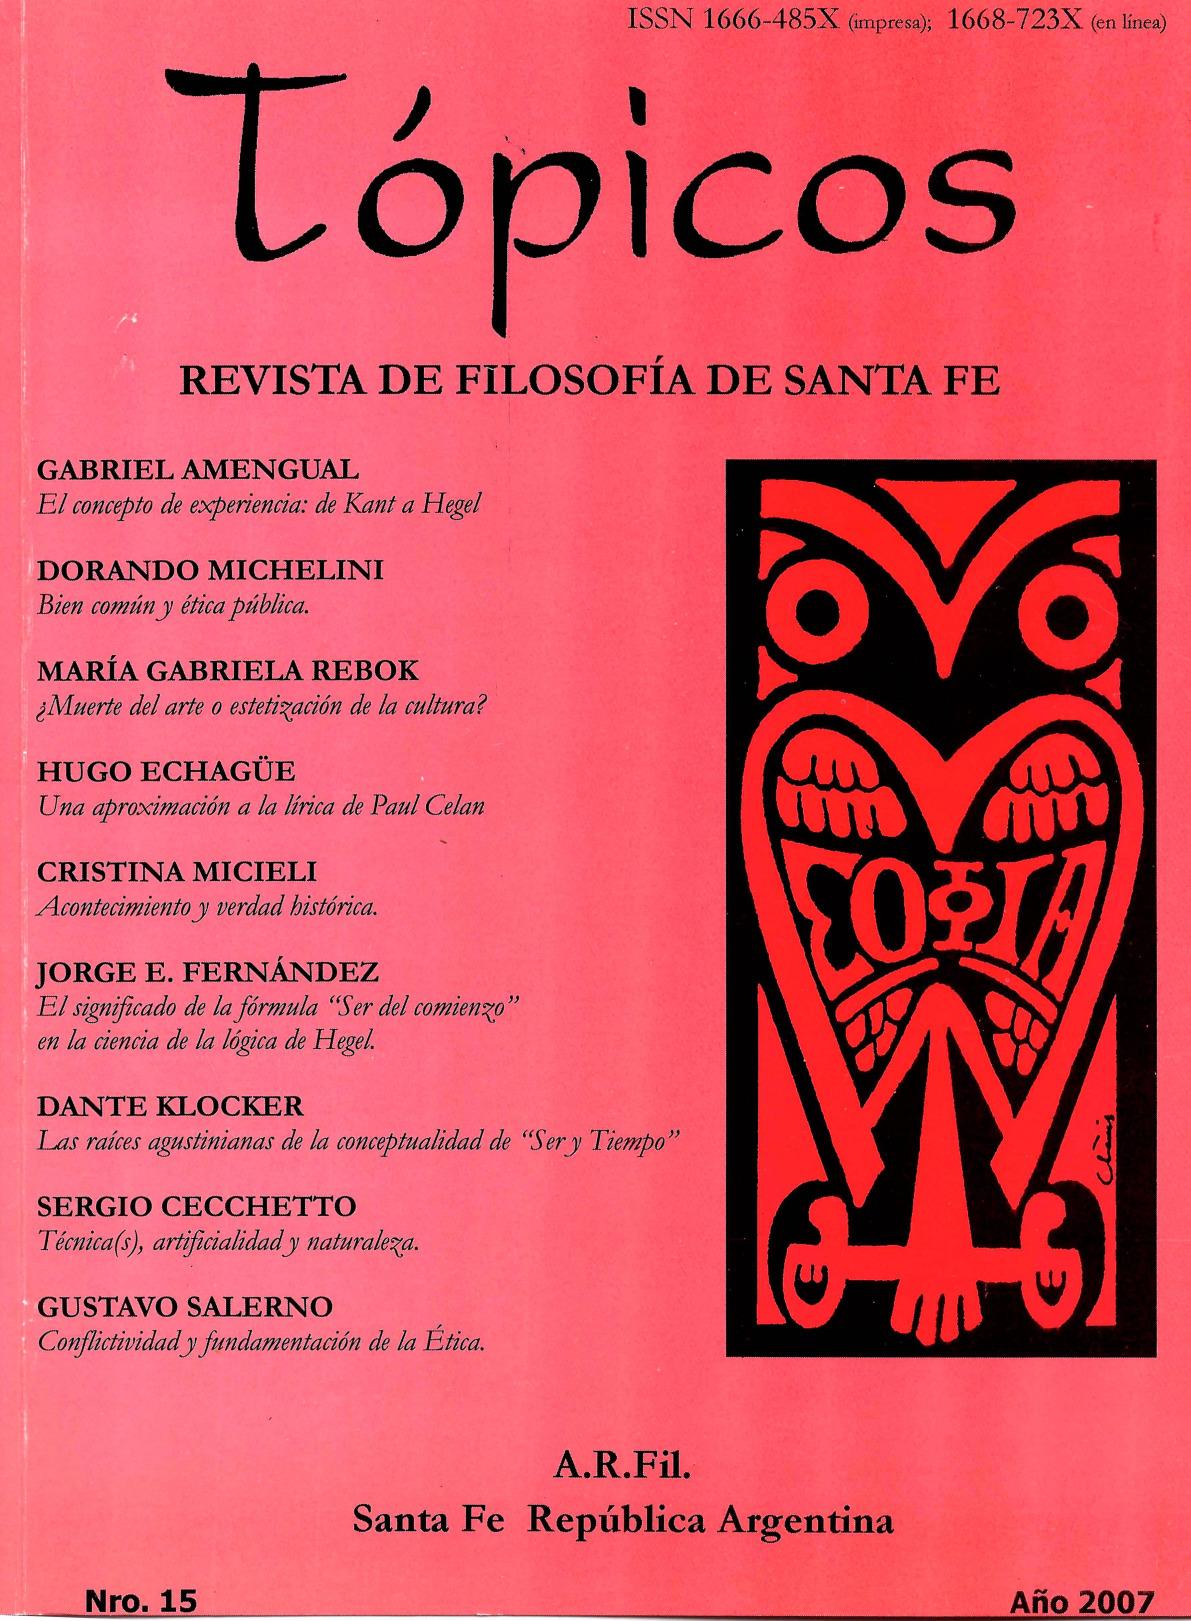 Imagen de tapa de Revista Tópicos Nº 15.